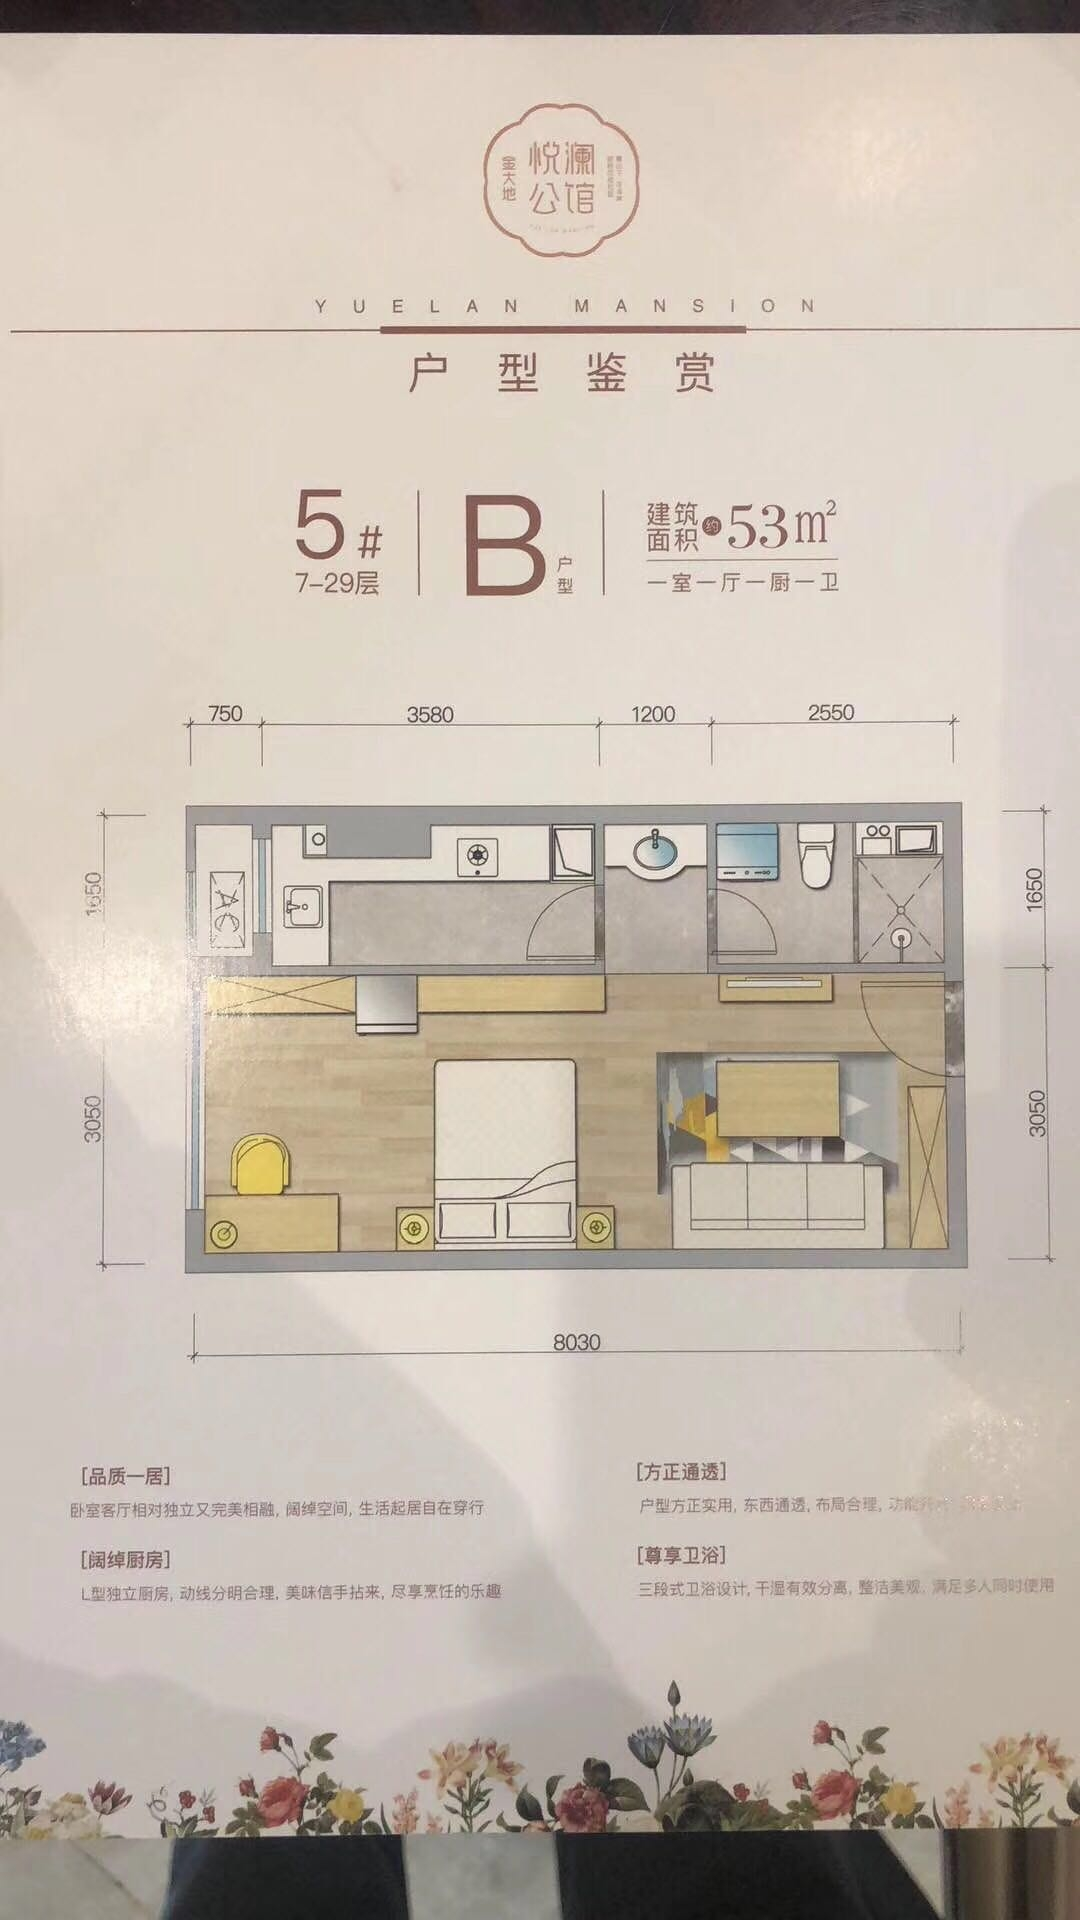 金大地悦澜公馆53B户型图